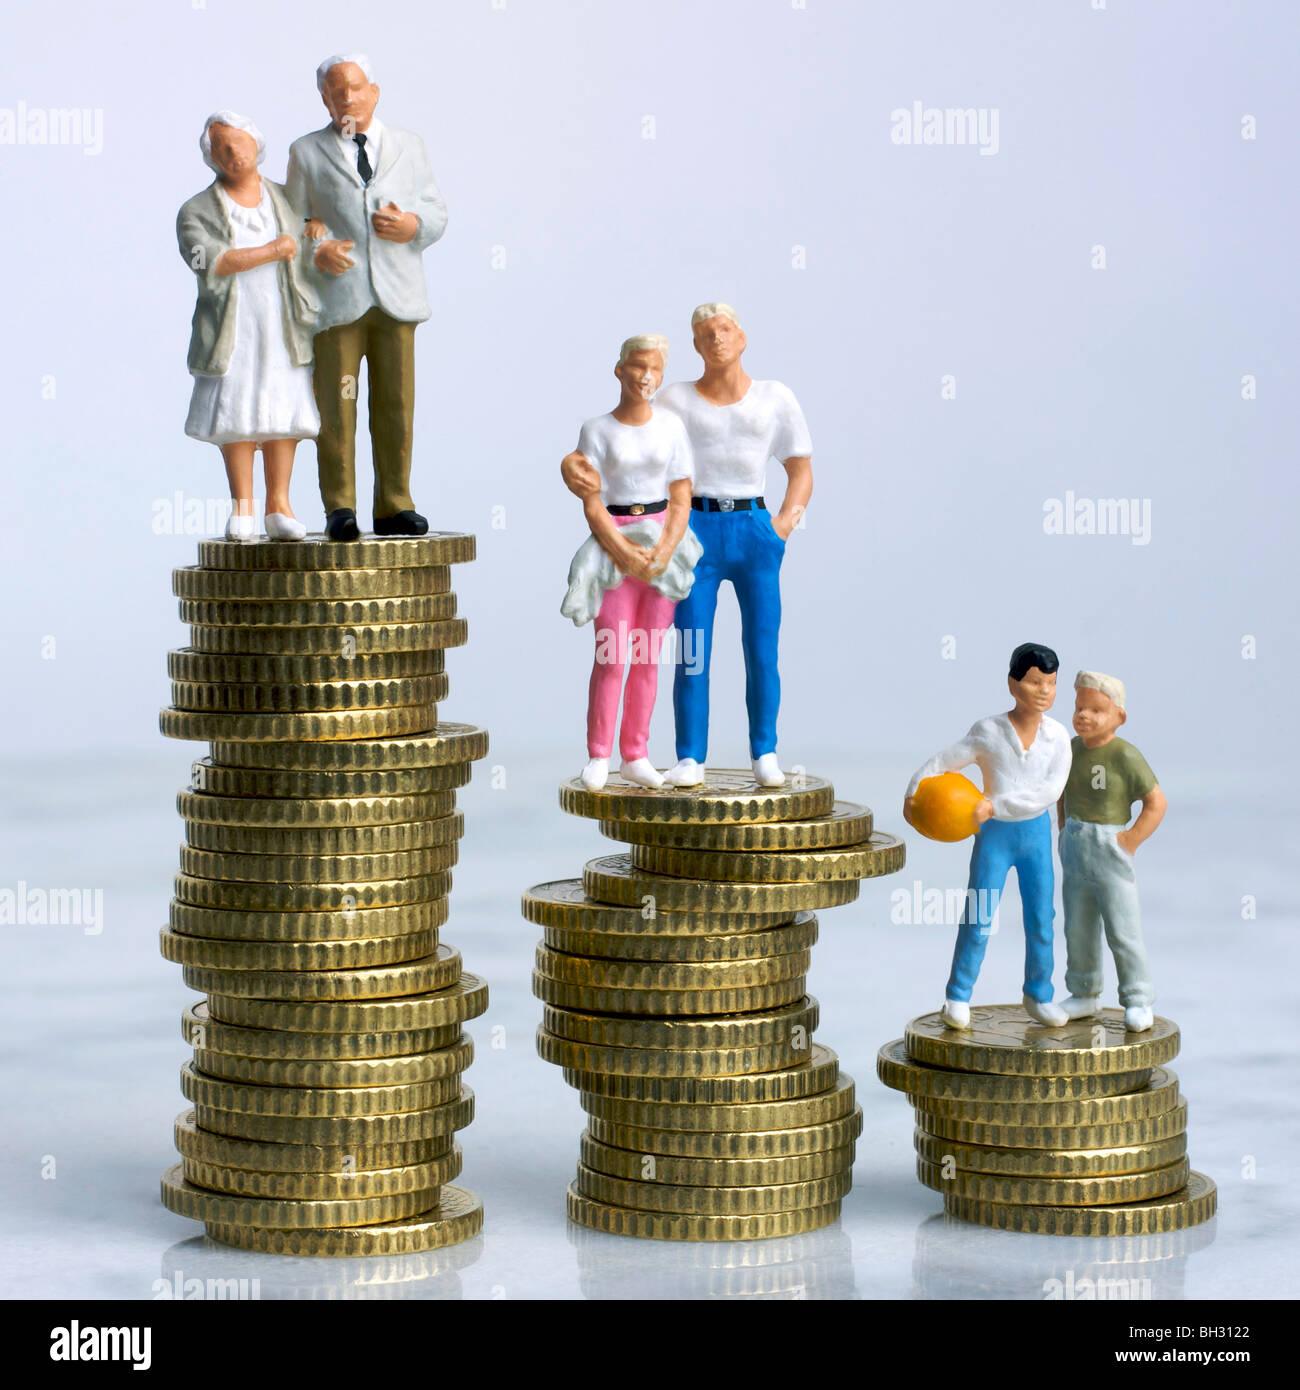 Familie (Figuren) auf Geld - Finanzen / Vererbung / Budgetierung / Einsparungen Konzept Stockbild